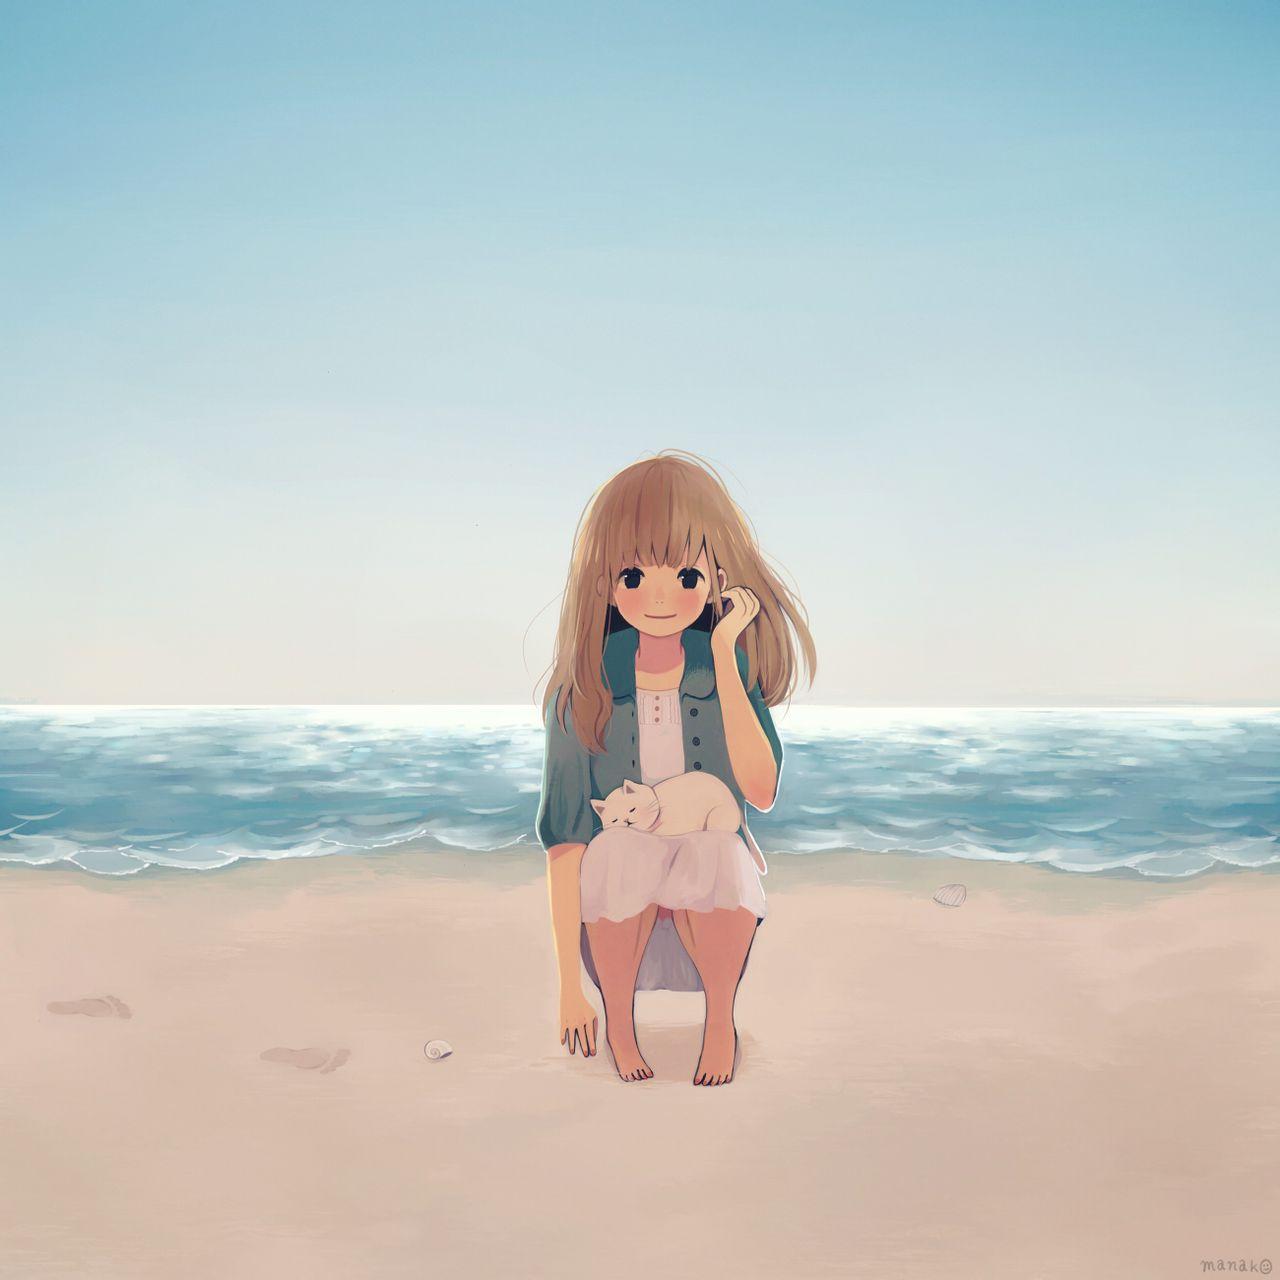 求画海边的动漫图 插画